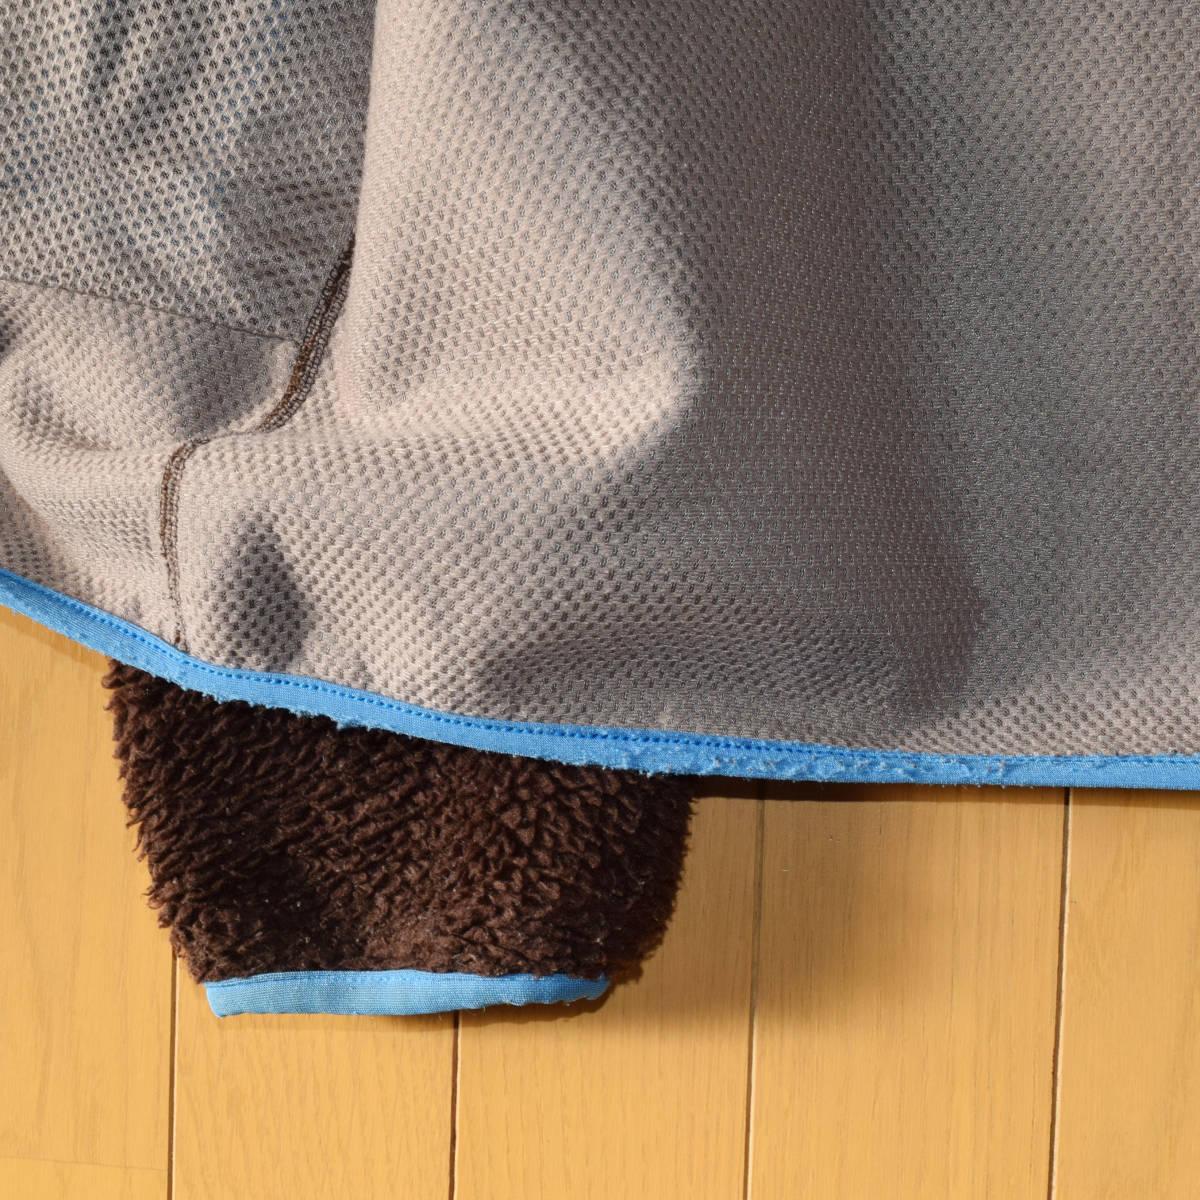 送料無料★patagonia レトロX カーディガン メンズS 日本Mサイズ ビンテージ フリース ボアパイル クラシックレトロ 古着_画像8